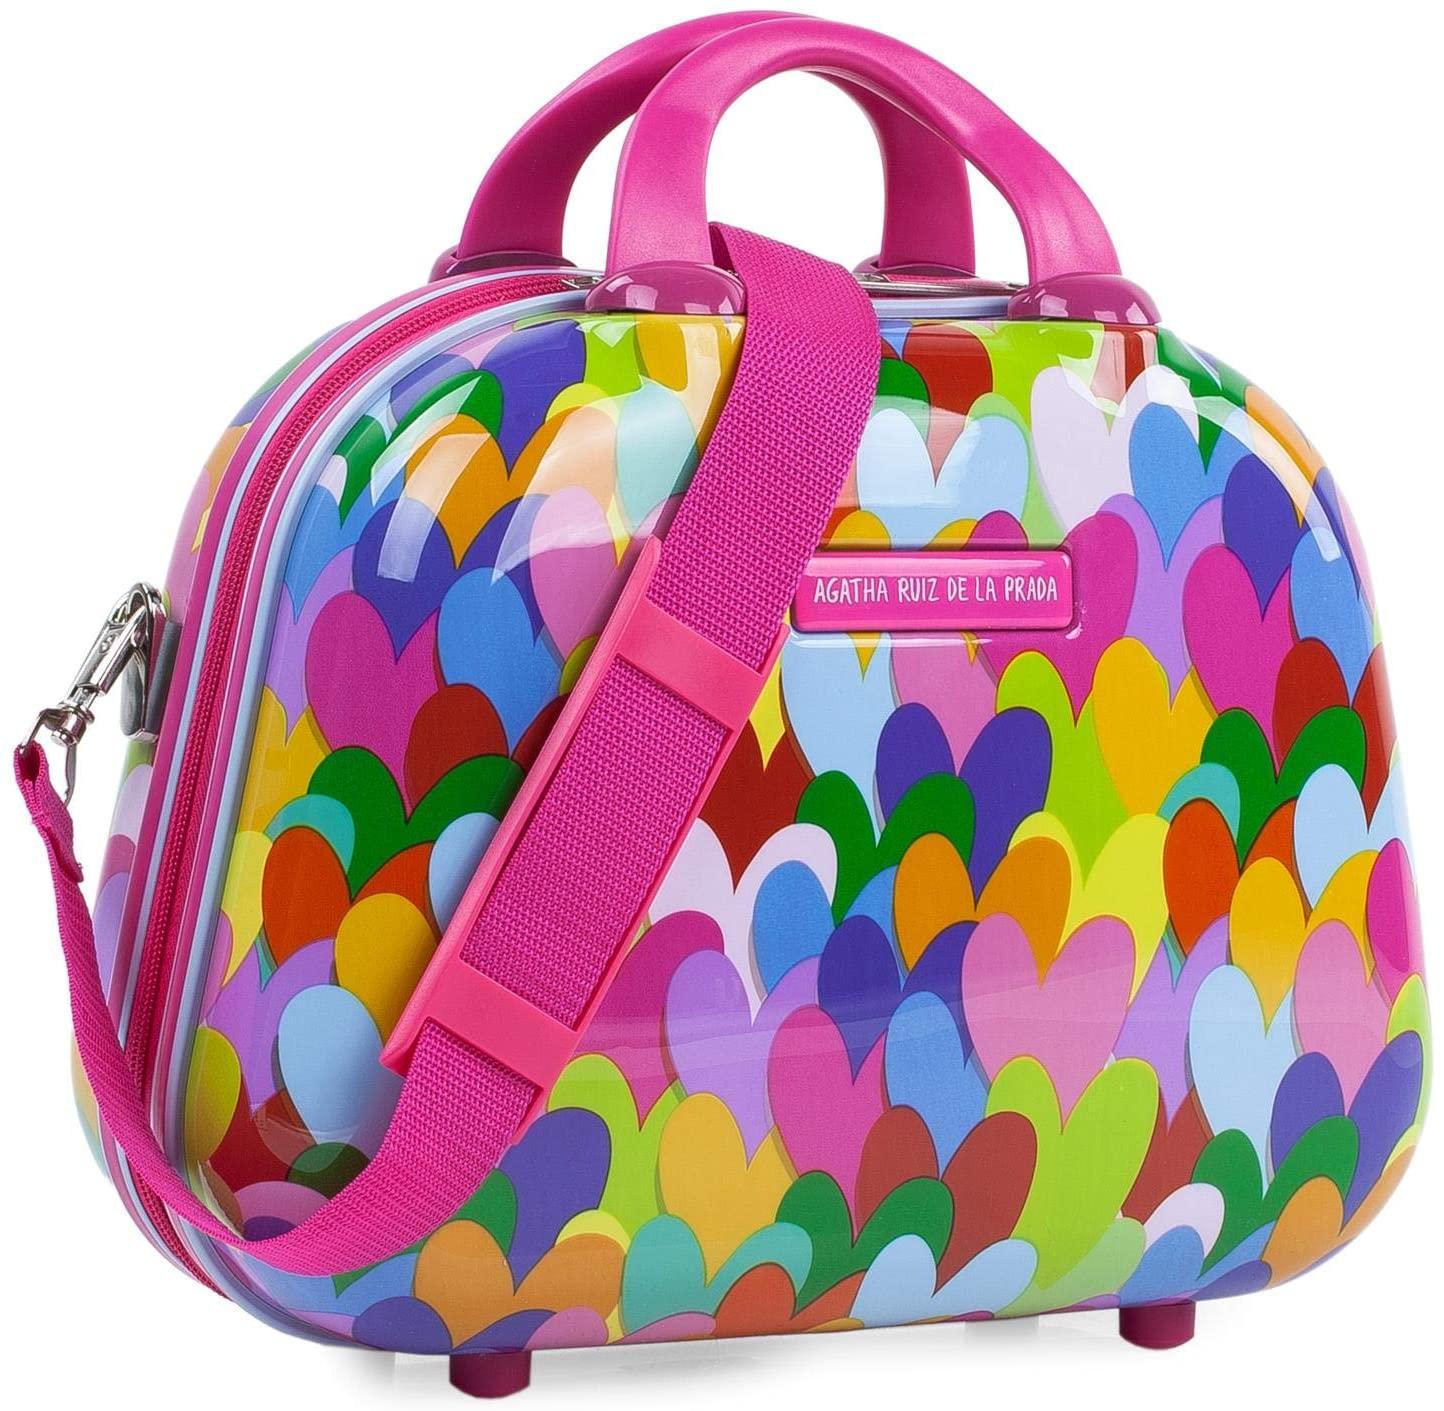 131135 Neceser Agatha Ruiz de la Prada Corazones Colores